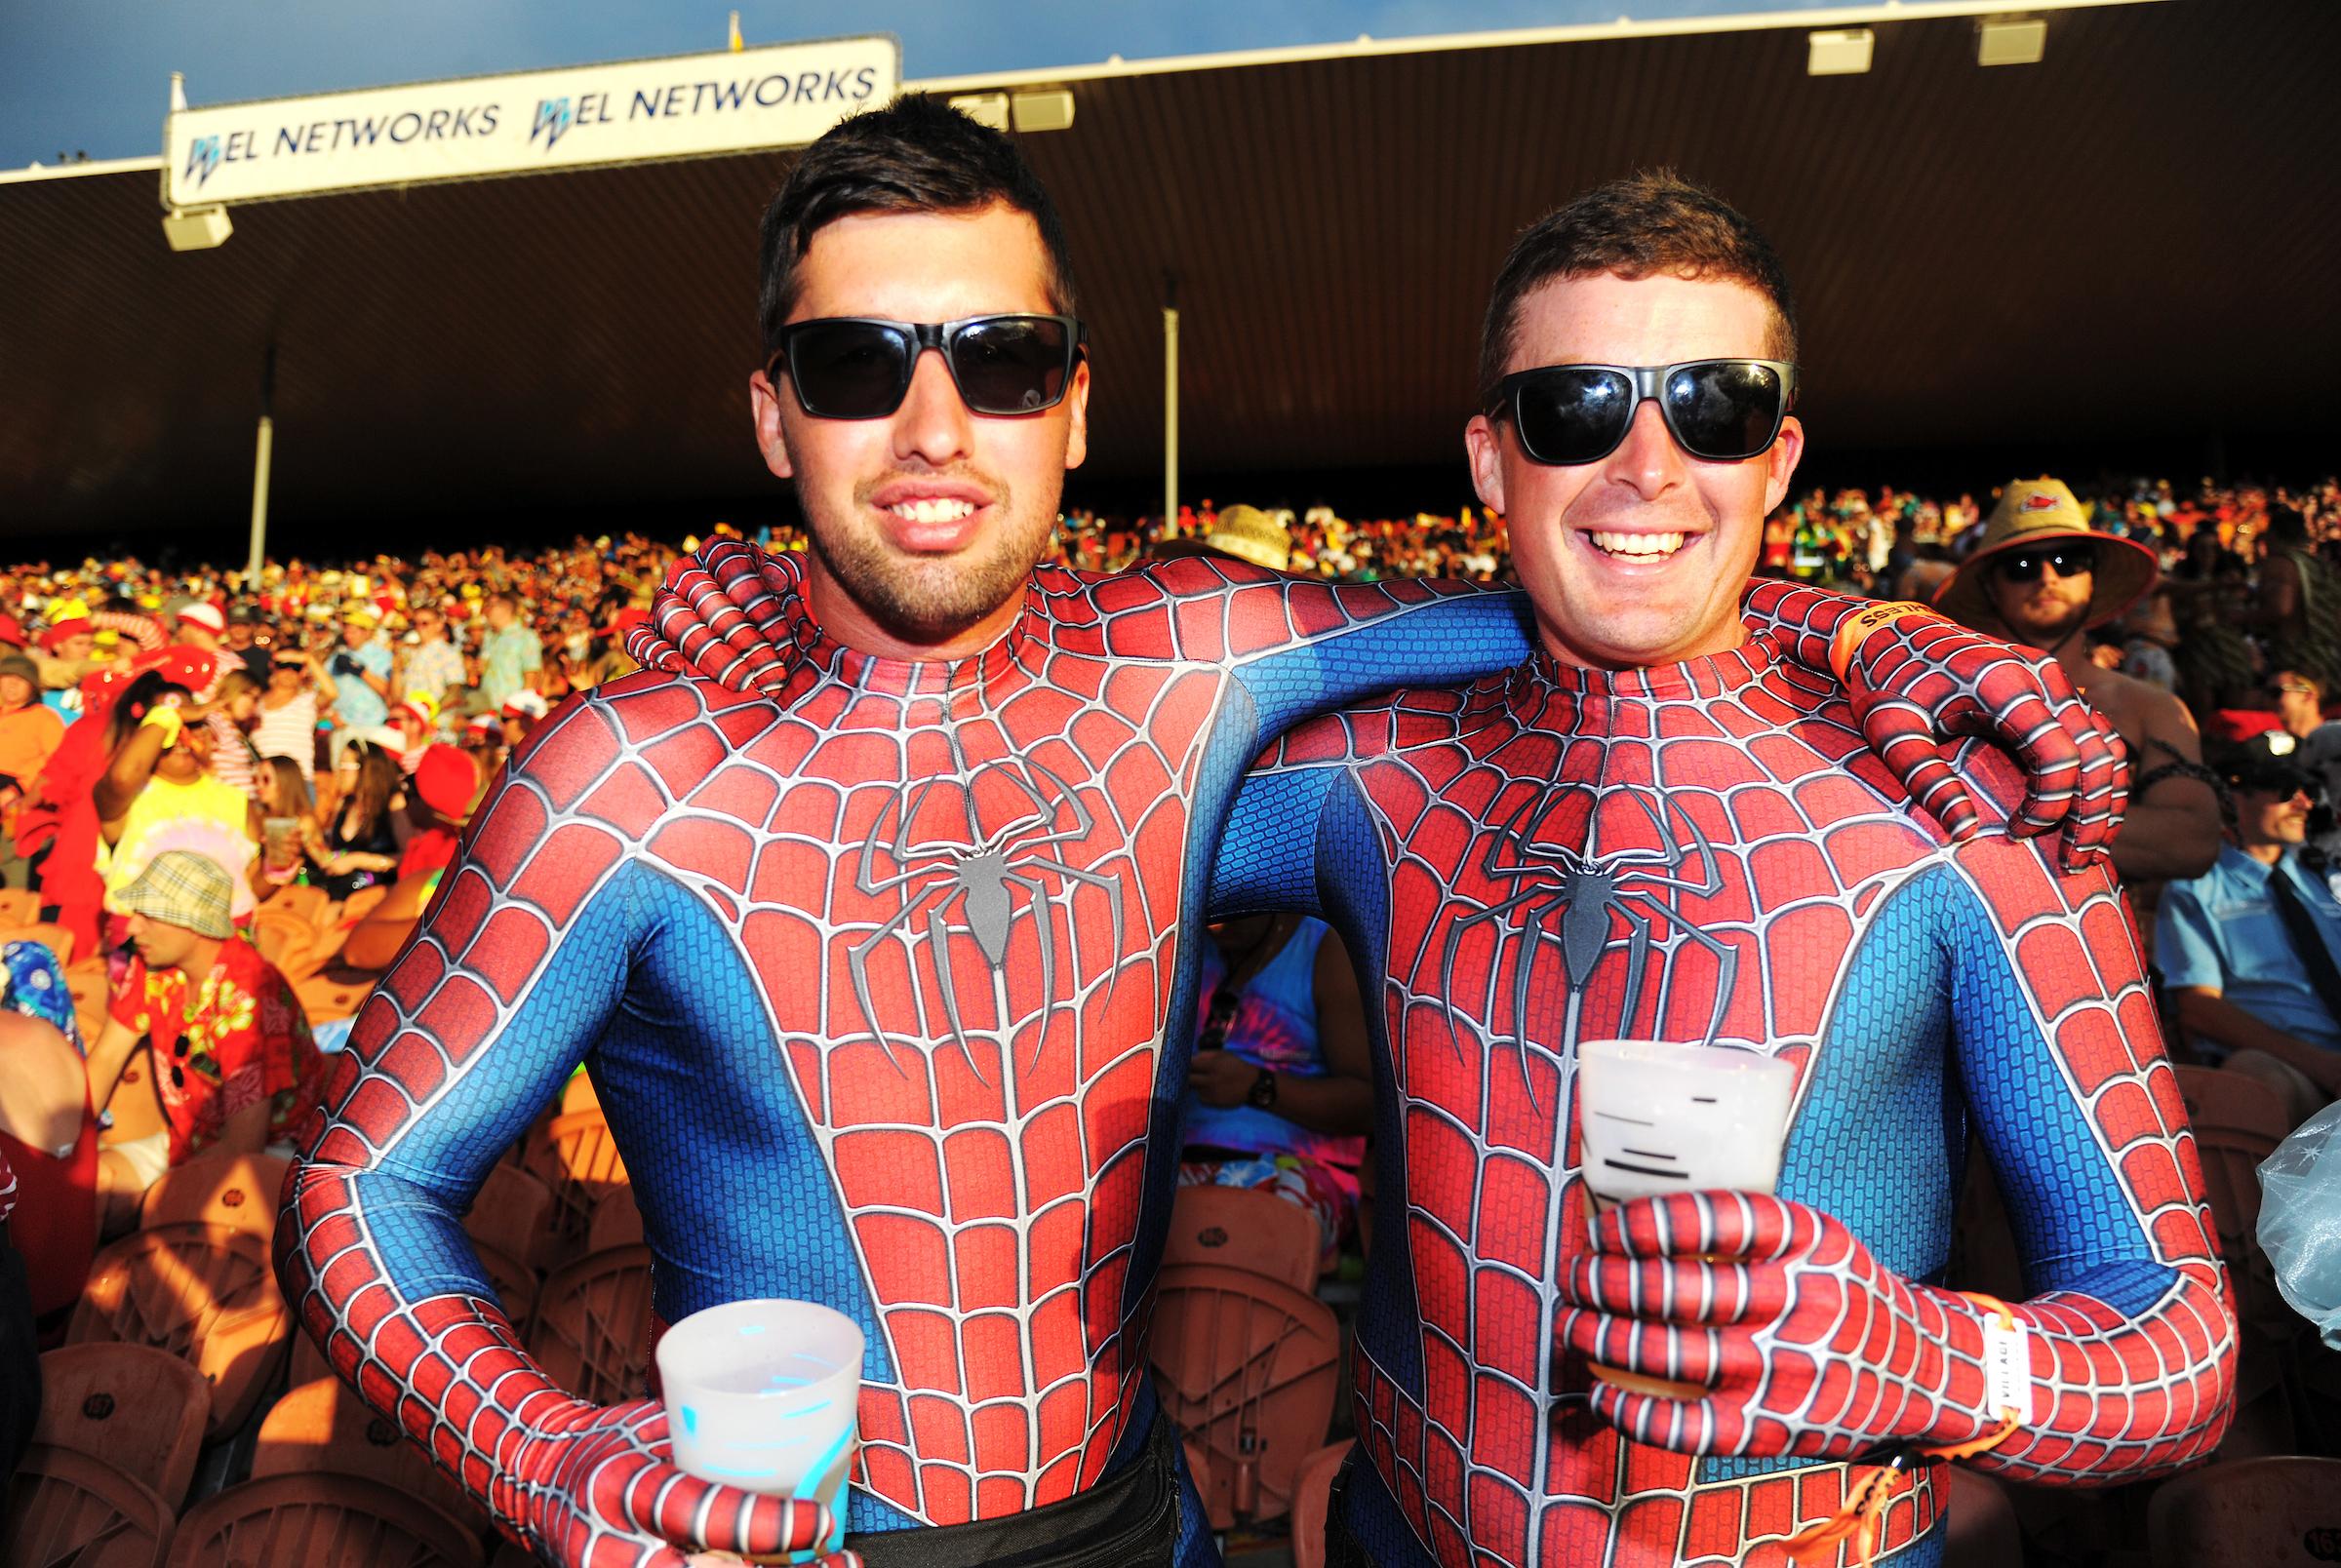 Spidermen, WEL Networks signage incl.jpg